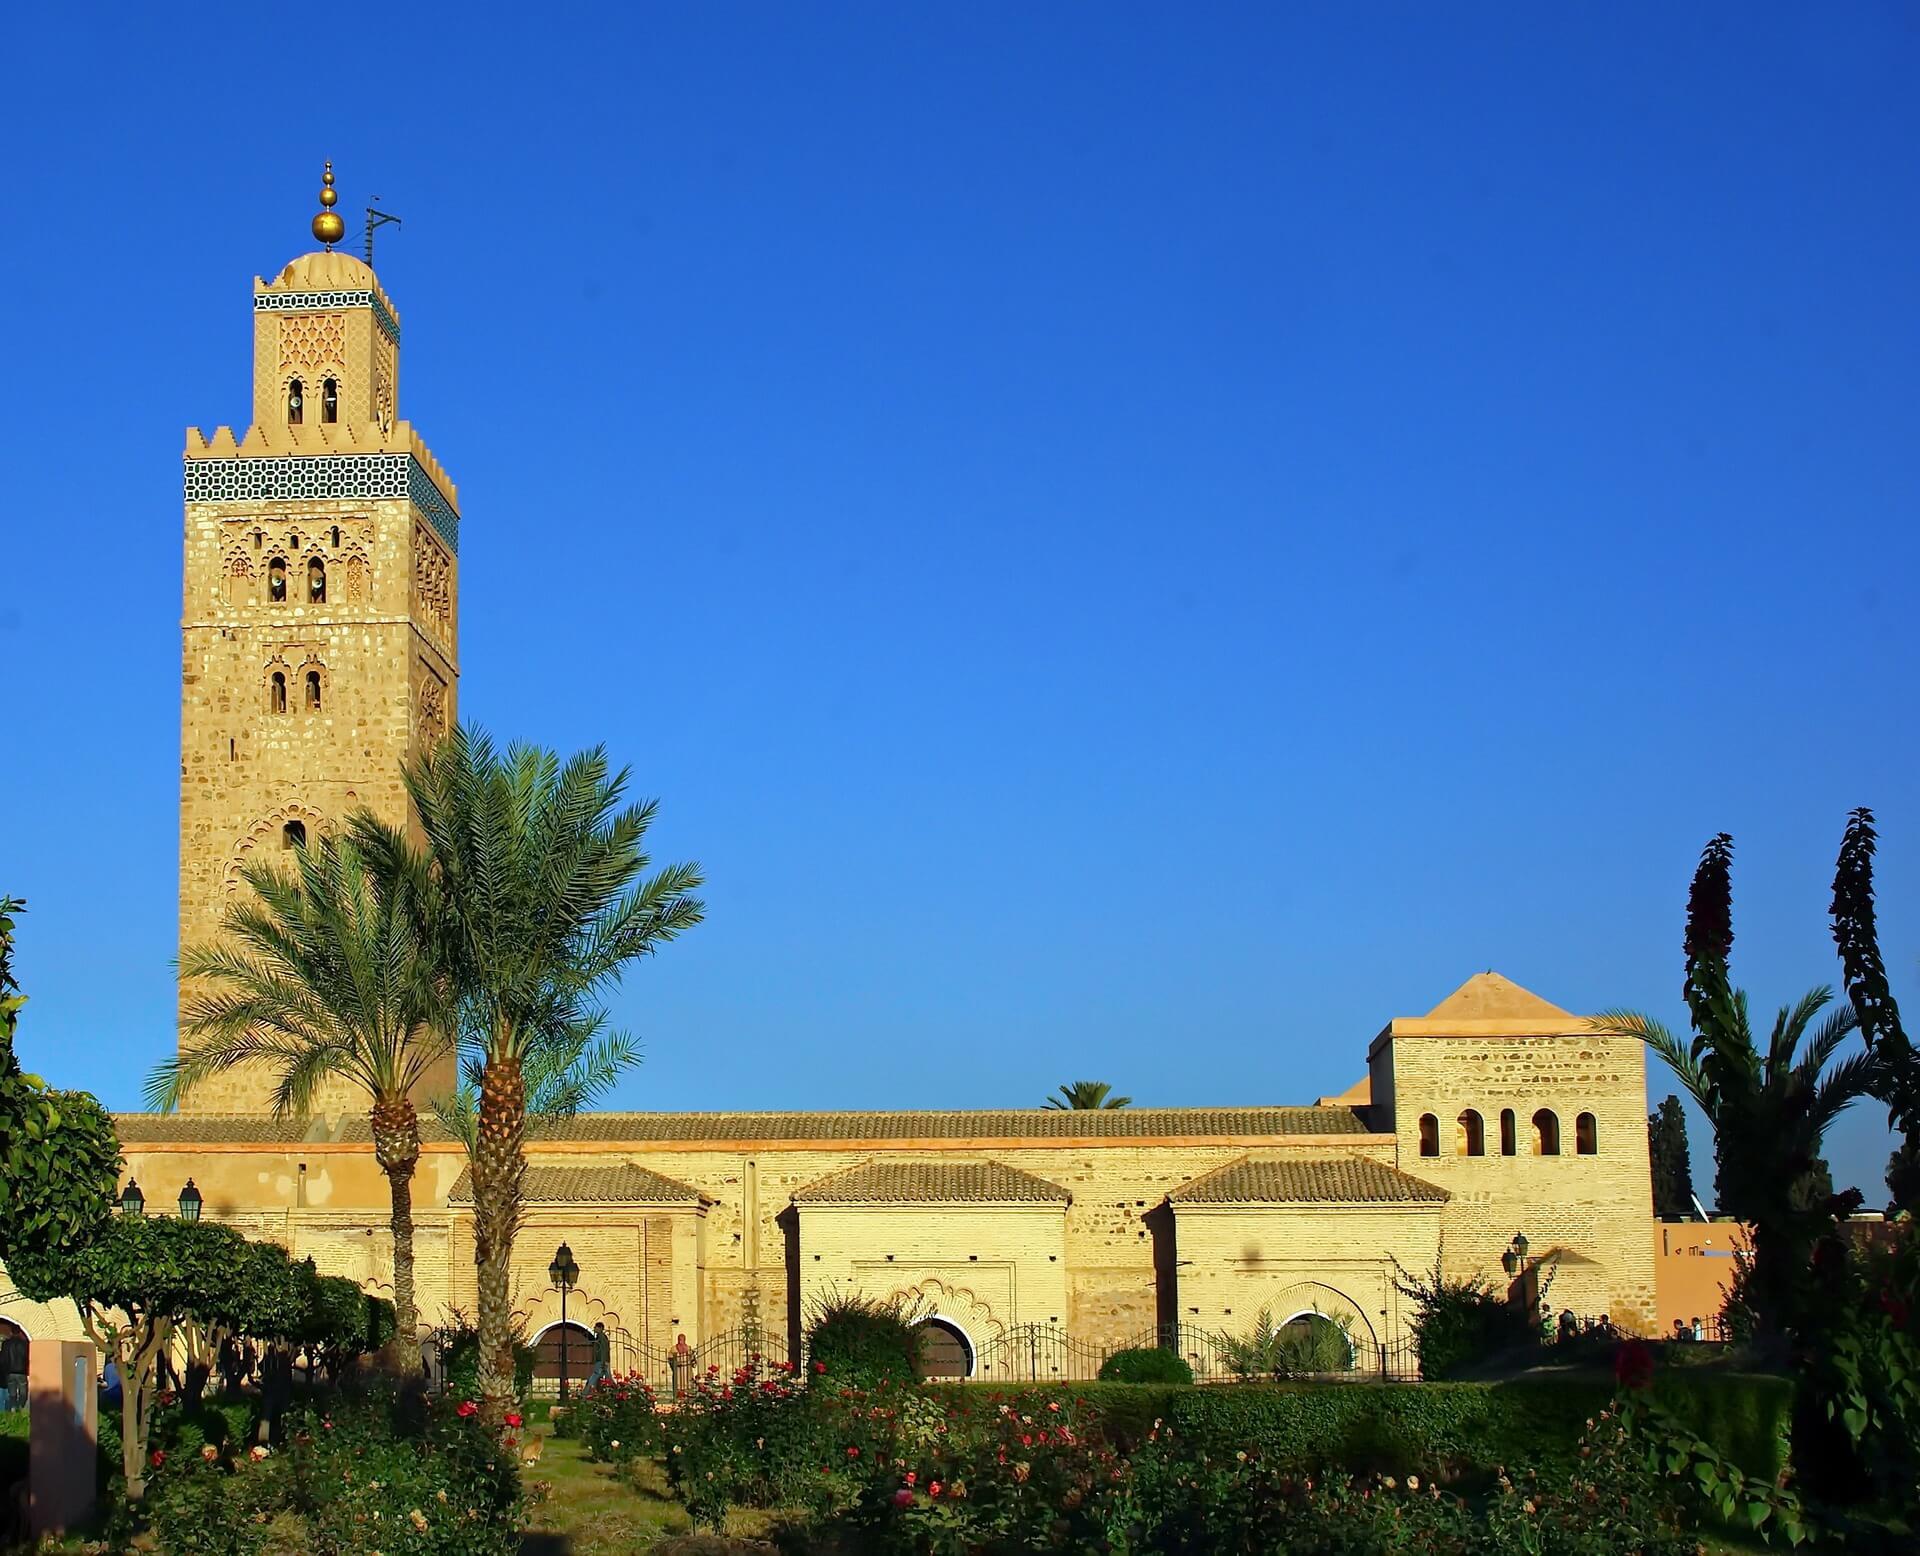 Direktflüge und Billigflüge ab Frankfurt-Hahn nach Marrakesch